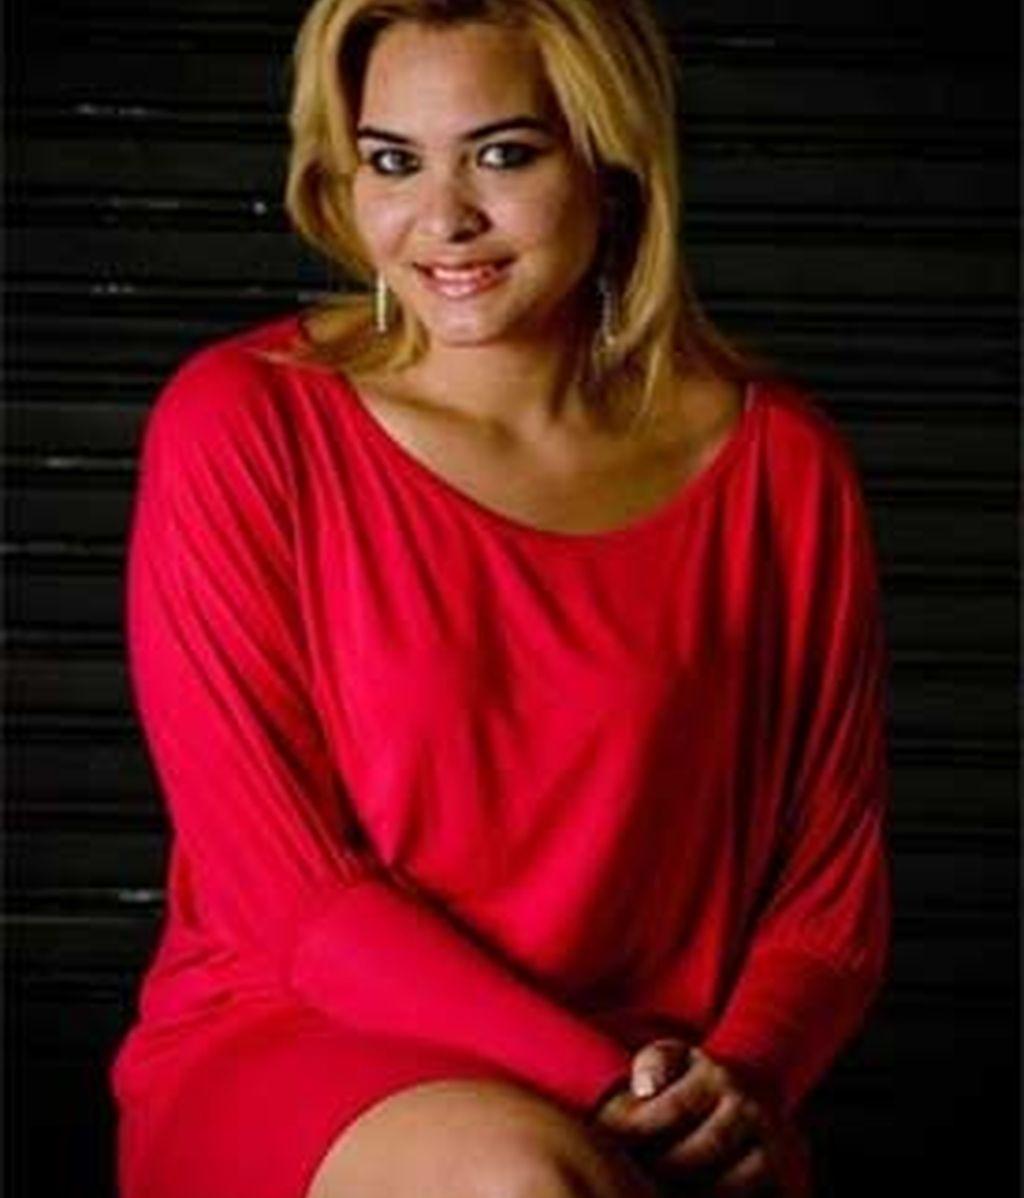 Geisy Arruda, de 20 años, fue agredida y expulsada cuando llevaba puesto el vestido de la imagen. Vídeo: Informativos Telecinco